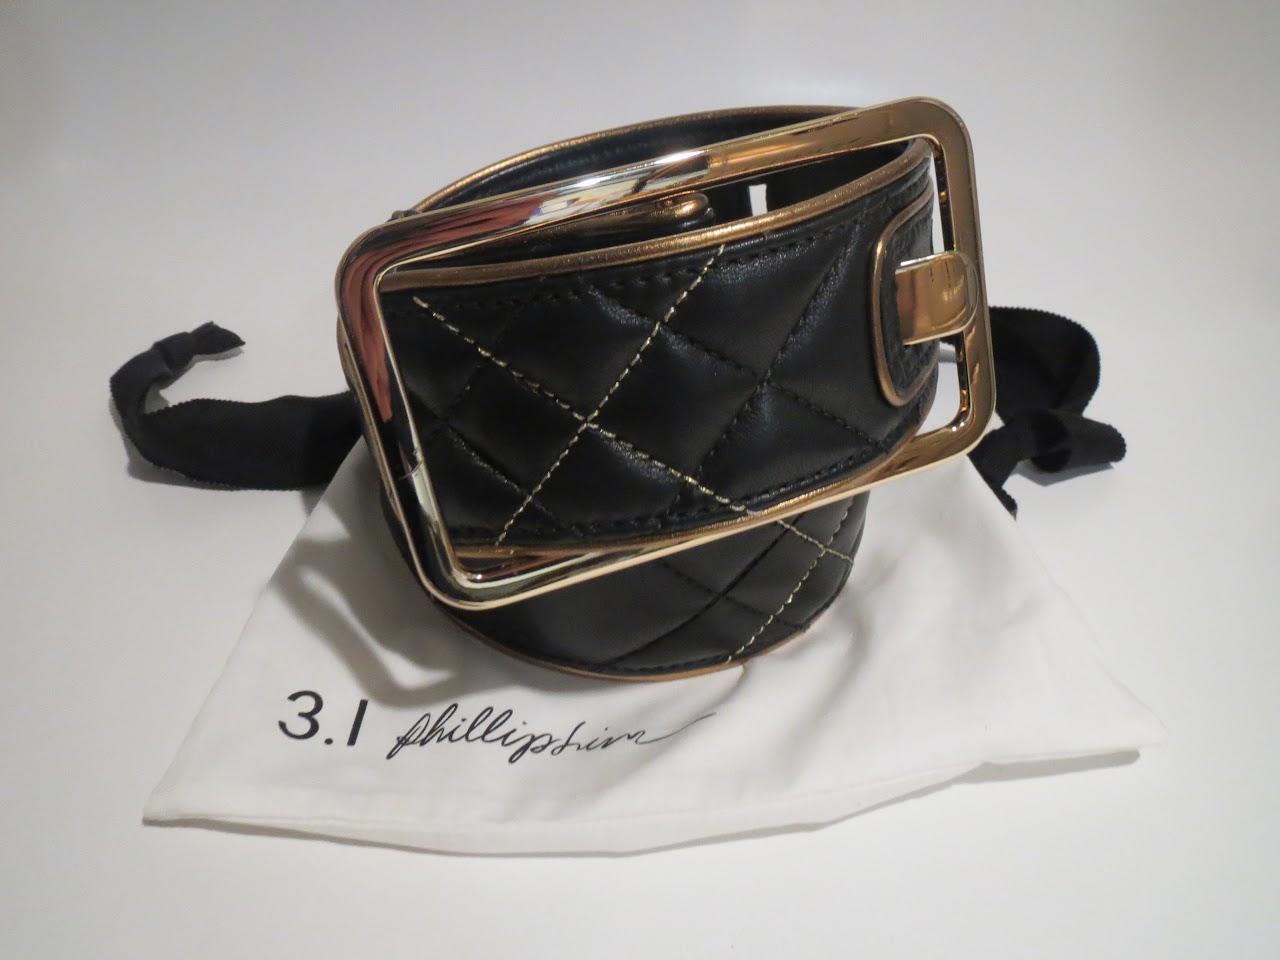 3.1 Philip Lim Quilted Belt